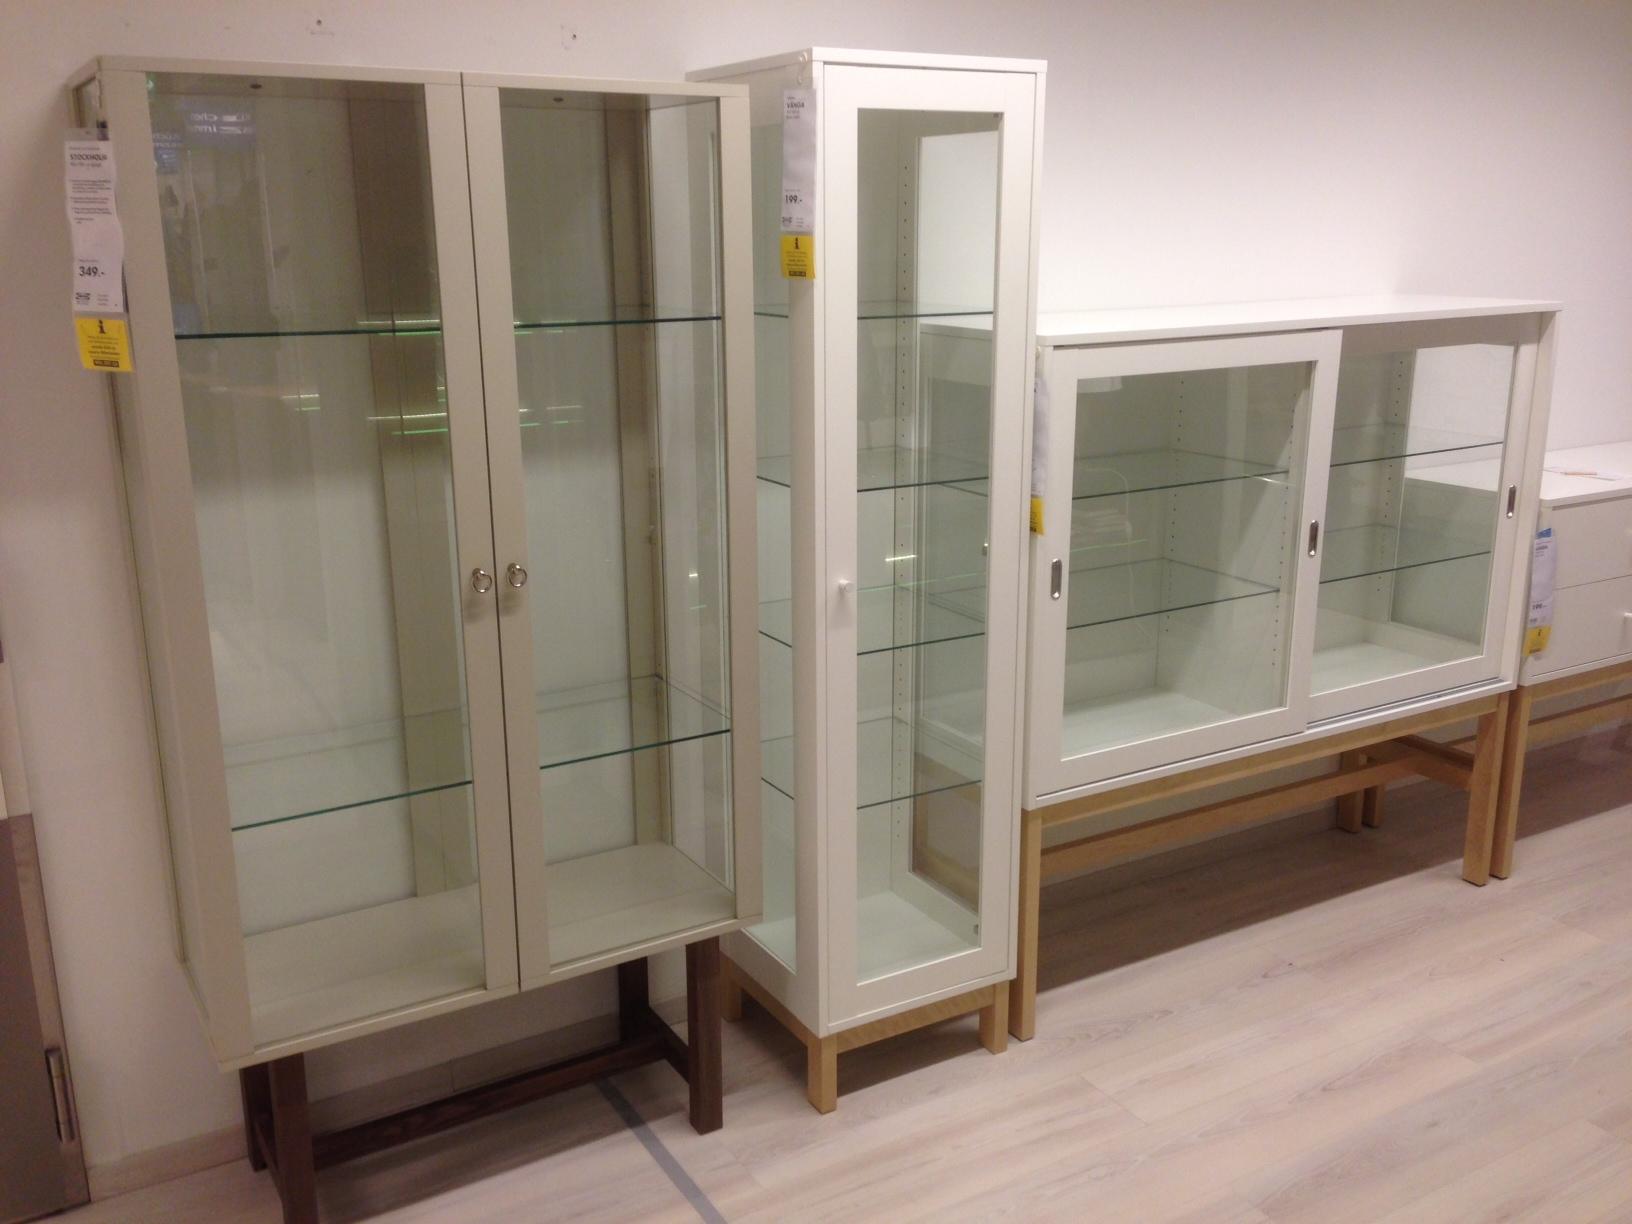 Full Size of Ikea Hauswirtschaftsraum Planen Schrank Planer Schrankplaner Sie Ihren Modulküche Badezimmer Küche Bad Online Kaufen Betten Bei Selber Miniküche Kostenlos Wohnzimmer Ikea Hauswirtschaftsraum Planen